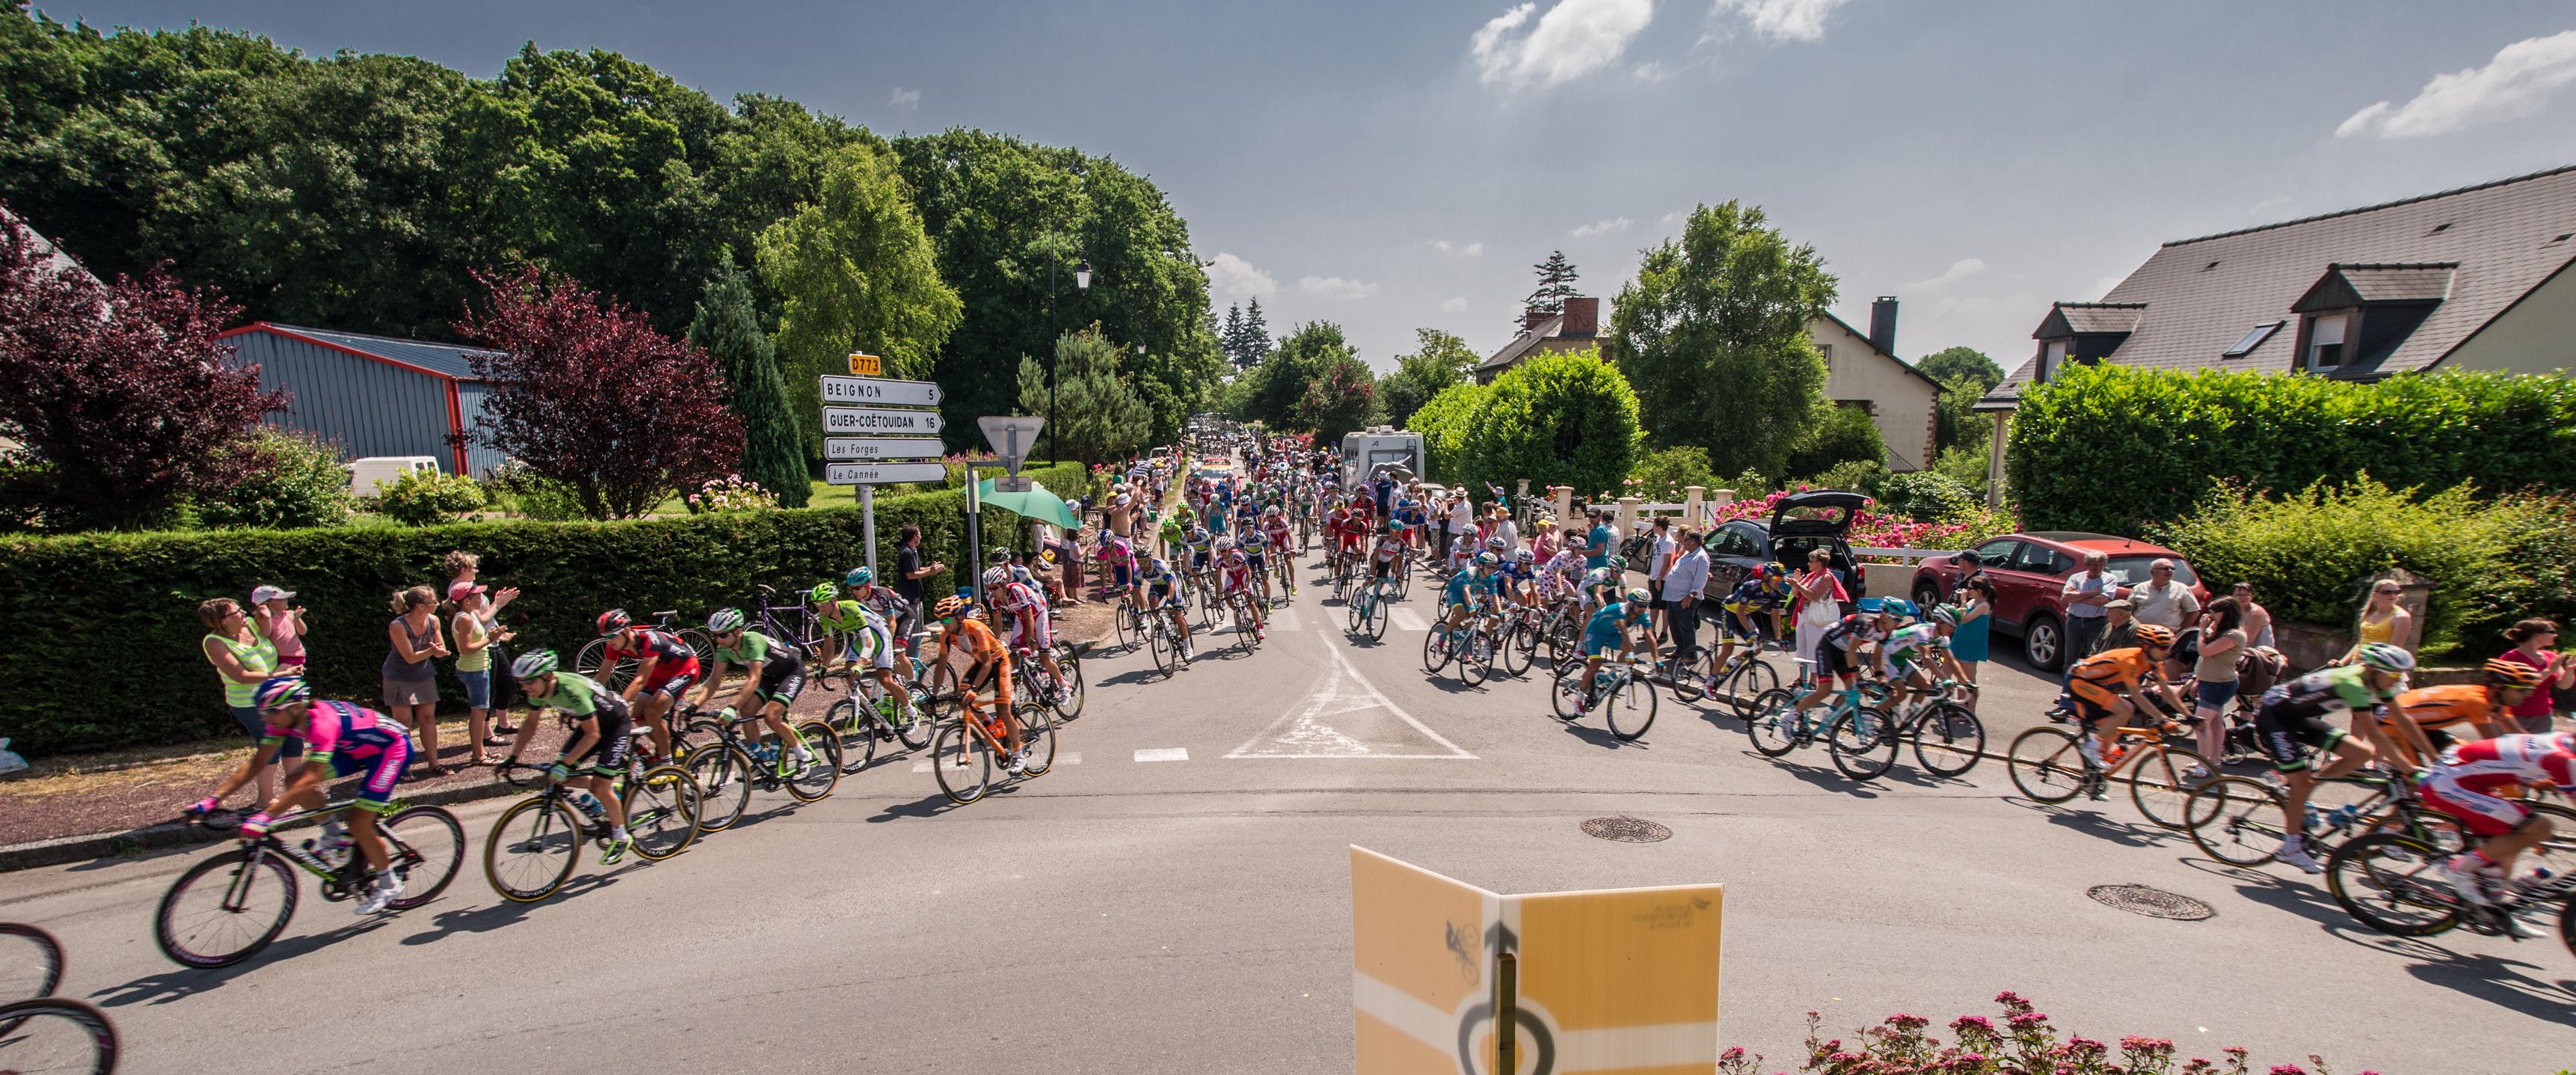 Tour De France, Brittany